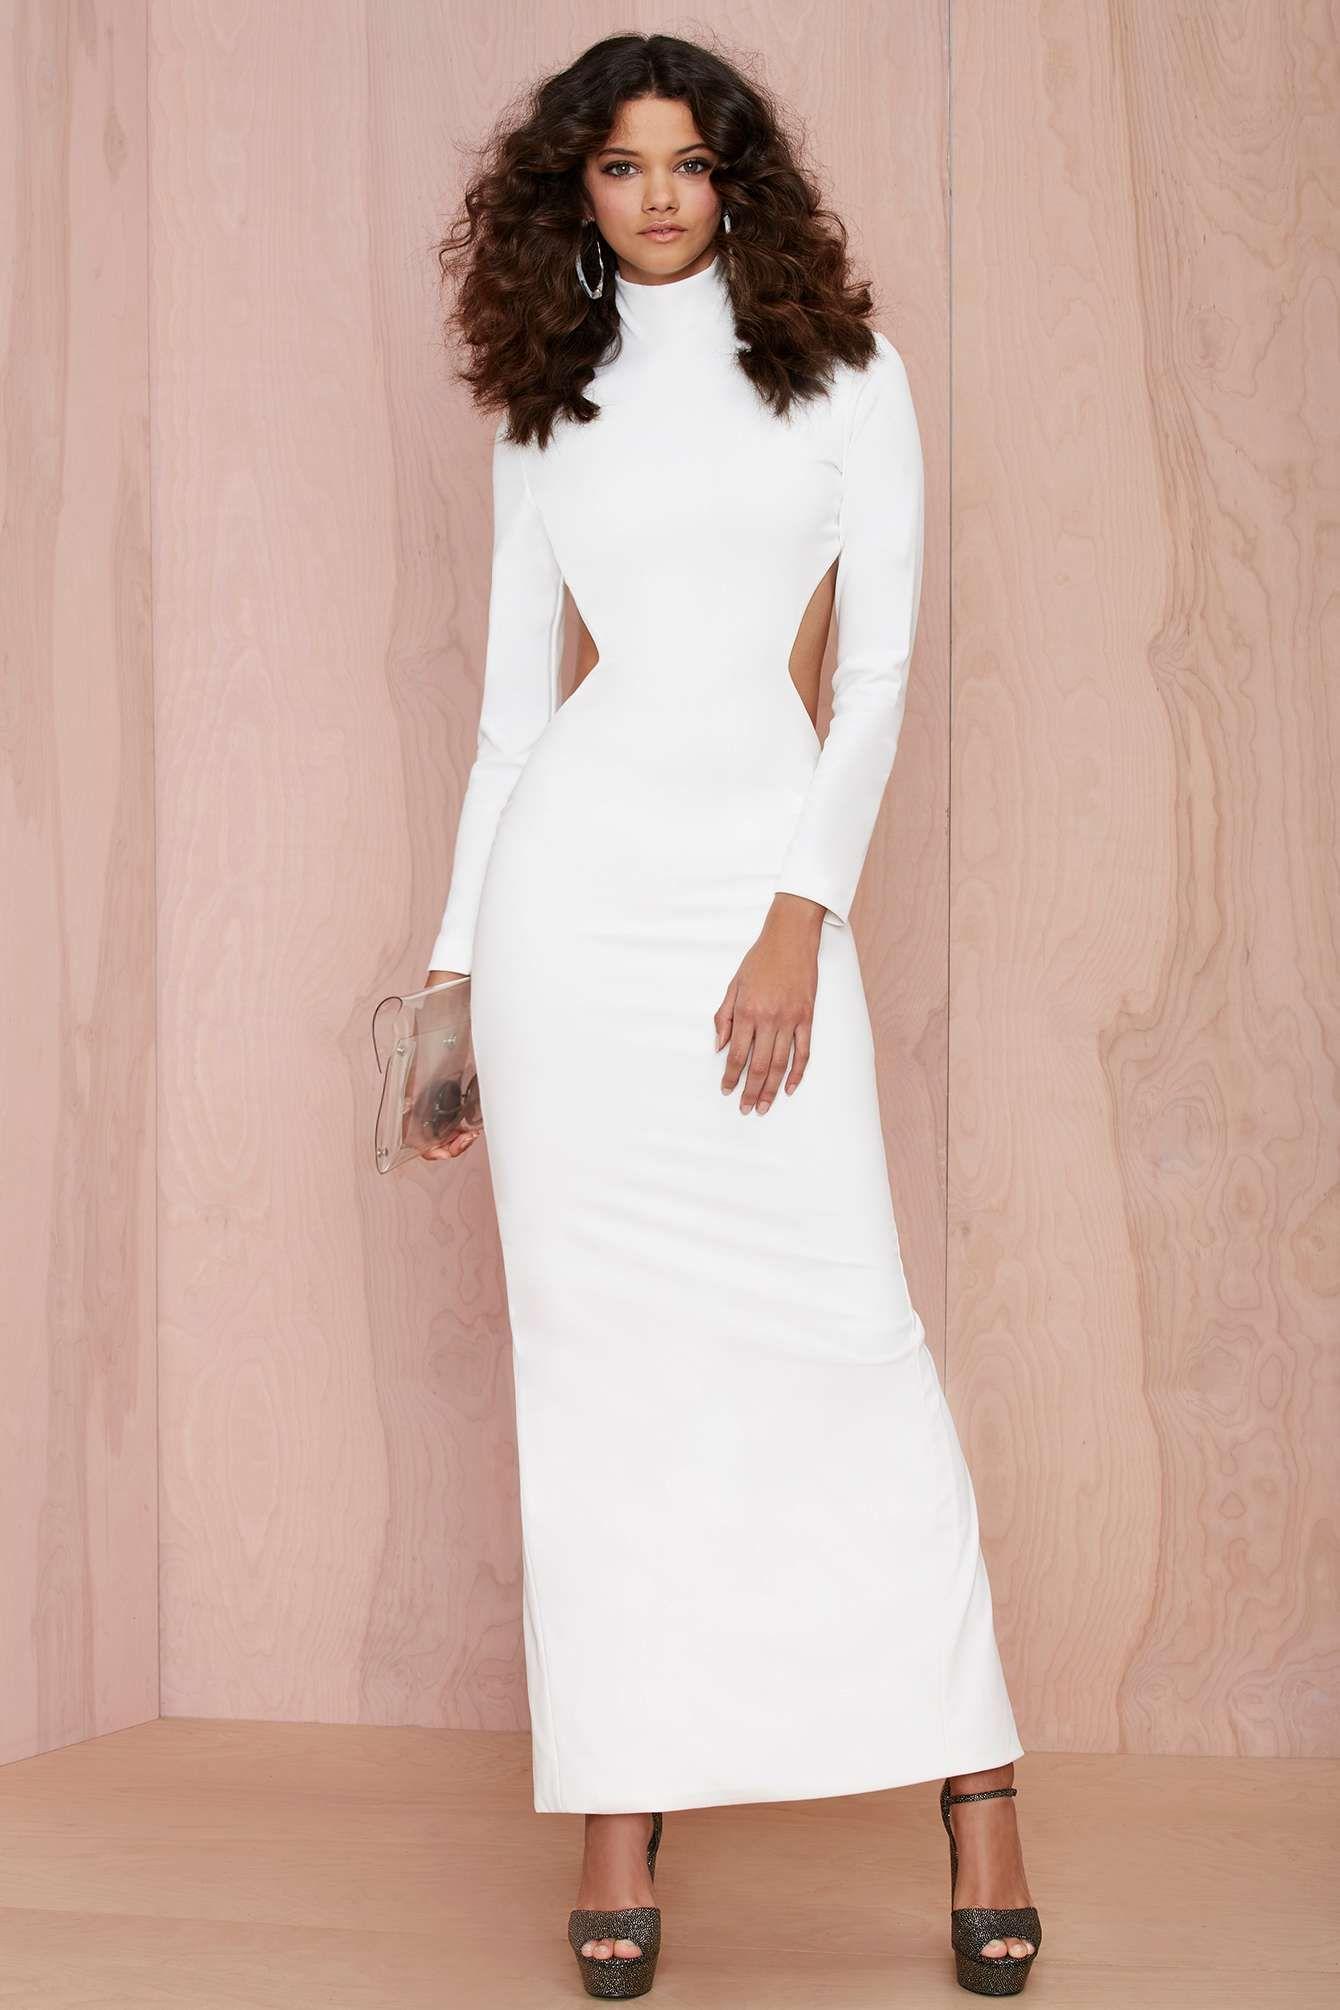 Solace London Bougie Cutout Dress | Fashion | Pinterest | Moda mujer ...